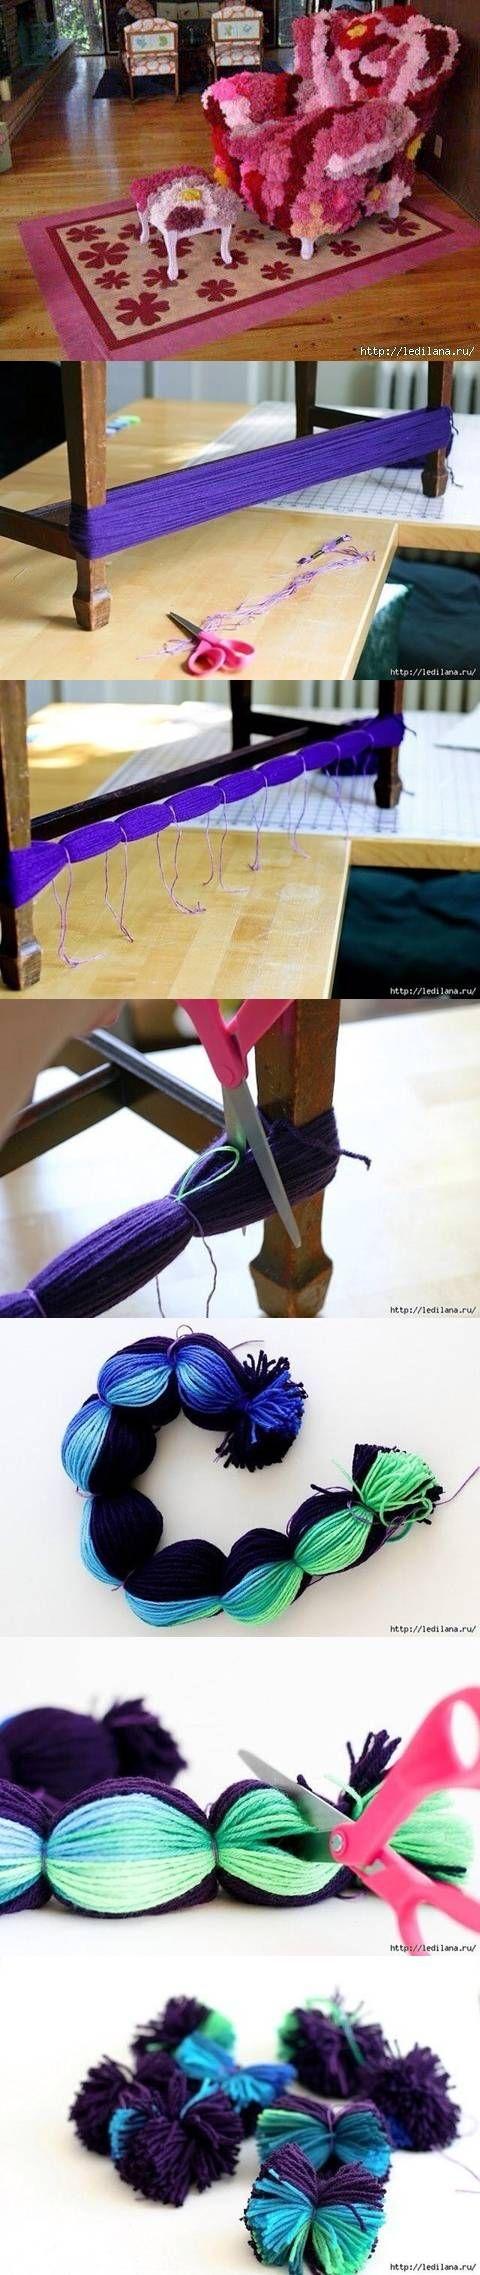 DIY Multiple Pom Poms at Once DIY Projects | UsefulDIY.com Follow Us on Facebook ==> http://www.facebook.com/UsefulDiy